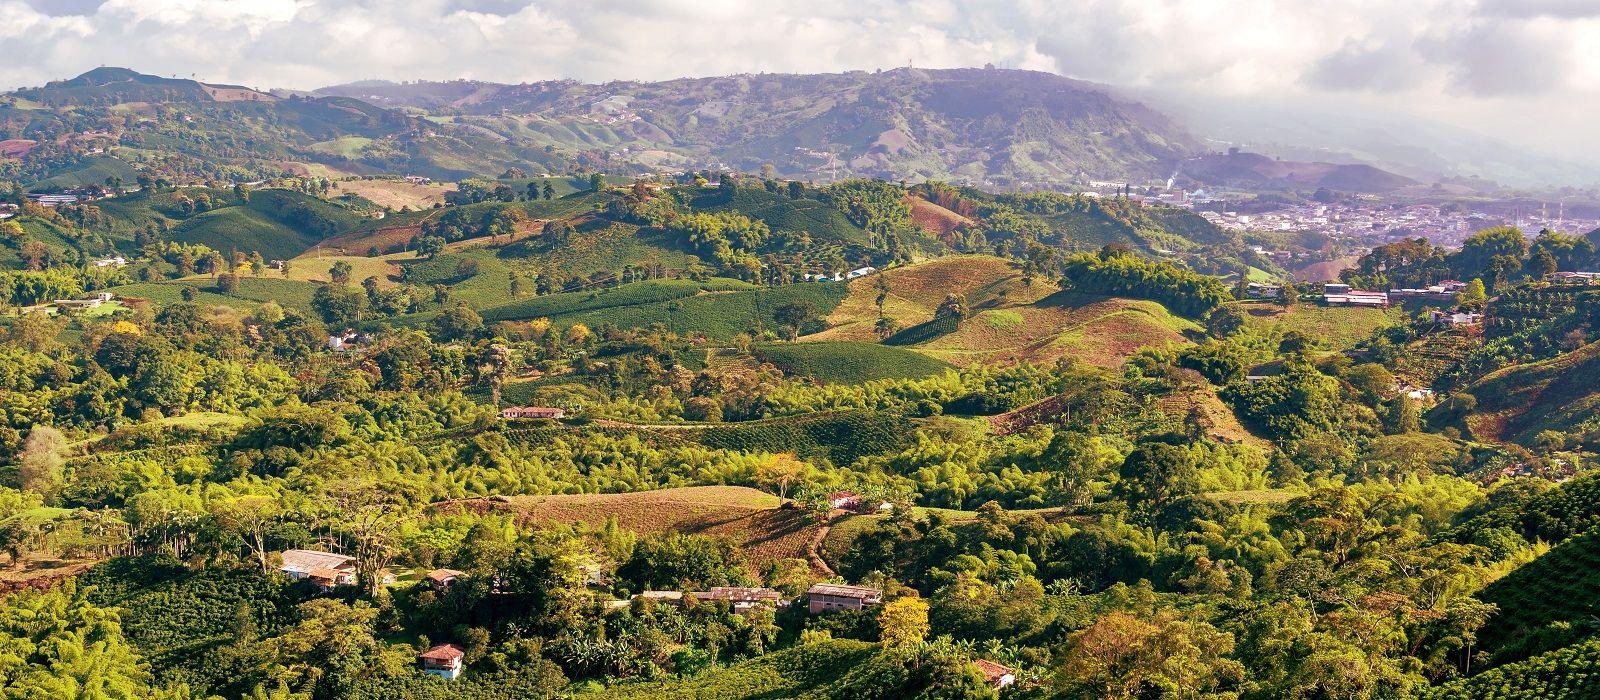 Reiseziel Kaffeeregion Kolumbien